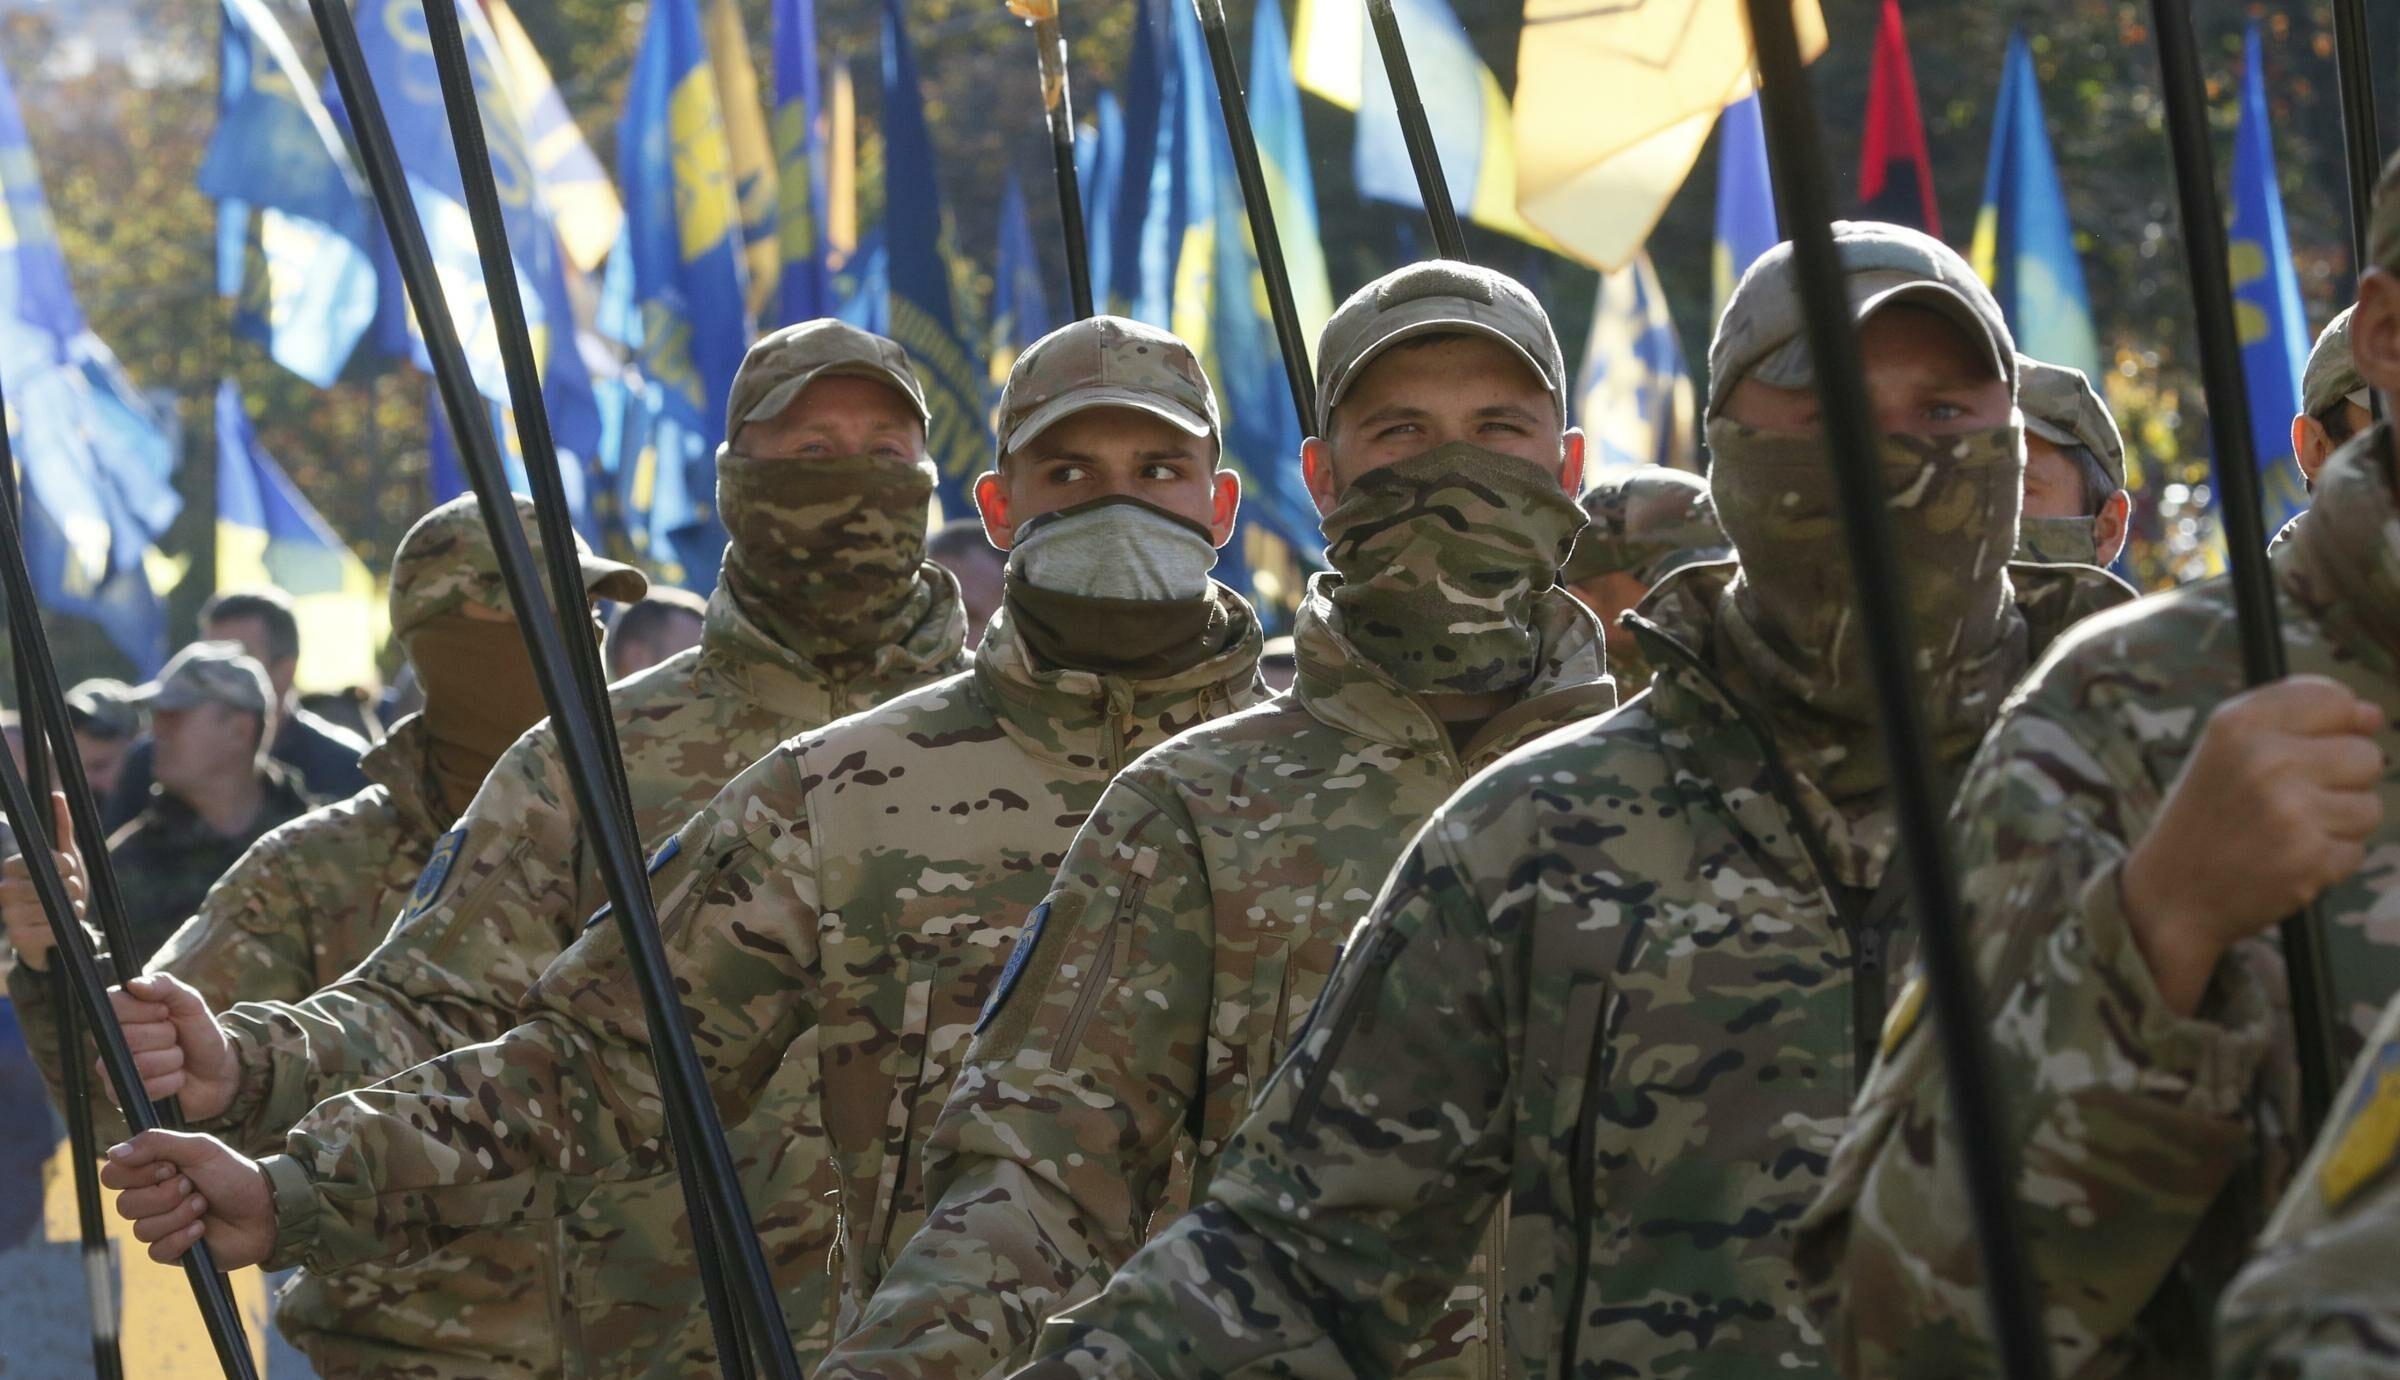 L'Ucraina vuole accelerare l'ingresso nella Nato e nell'Ue